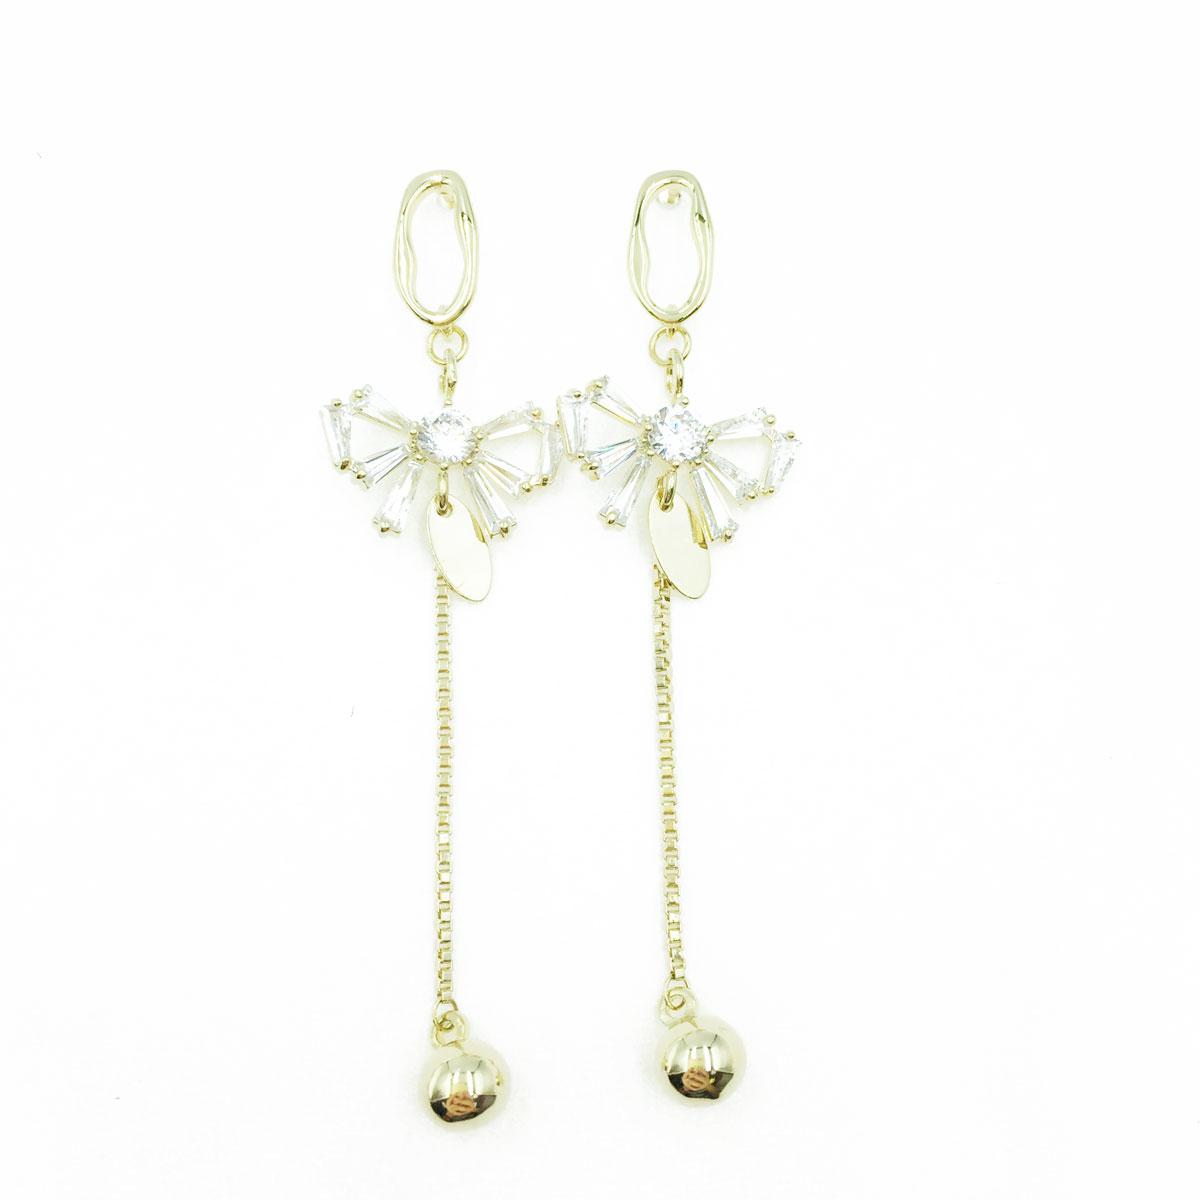 韓國 925純銀 蝴蝶結 簍空 長鑽 垂墜感 耳針式耳環